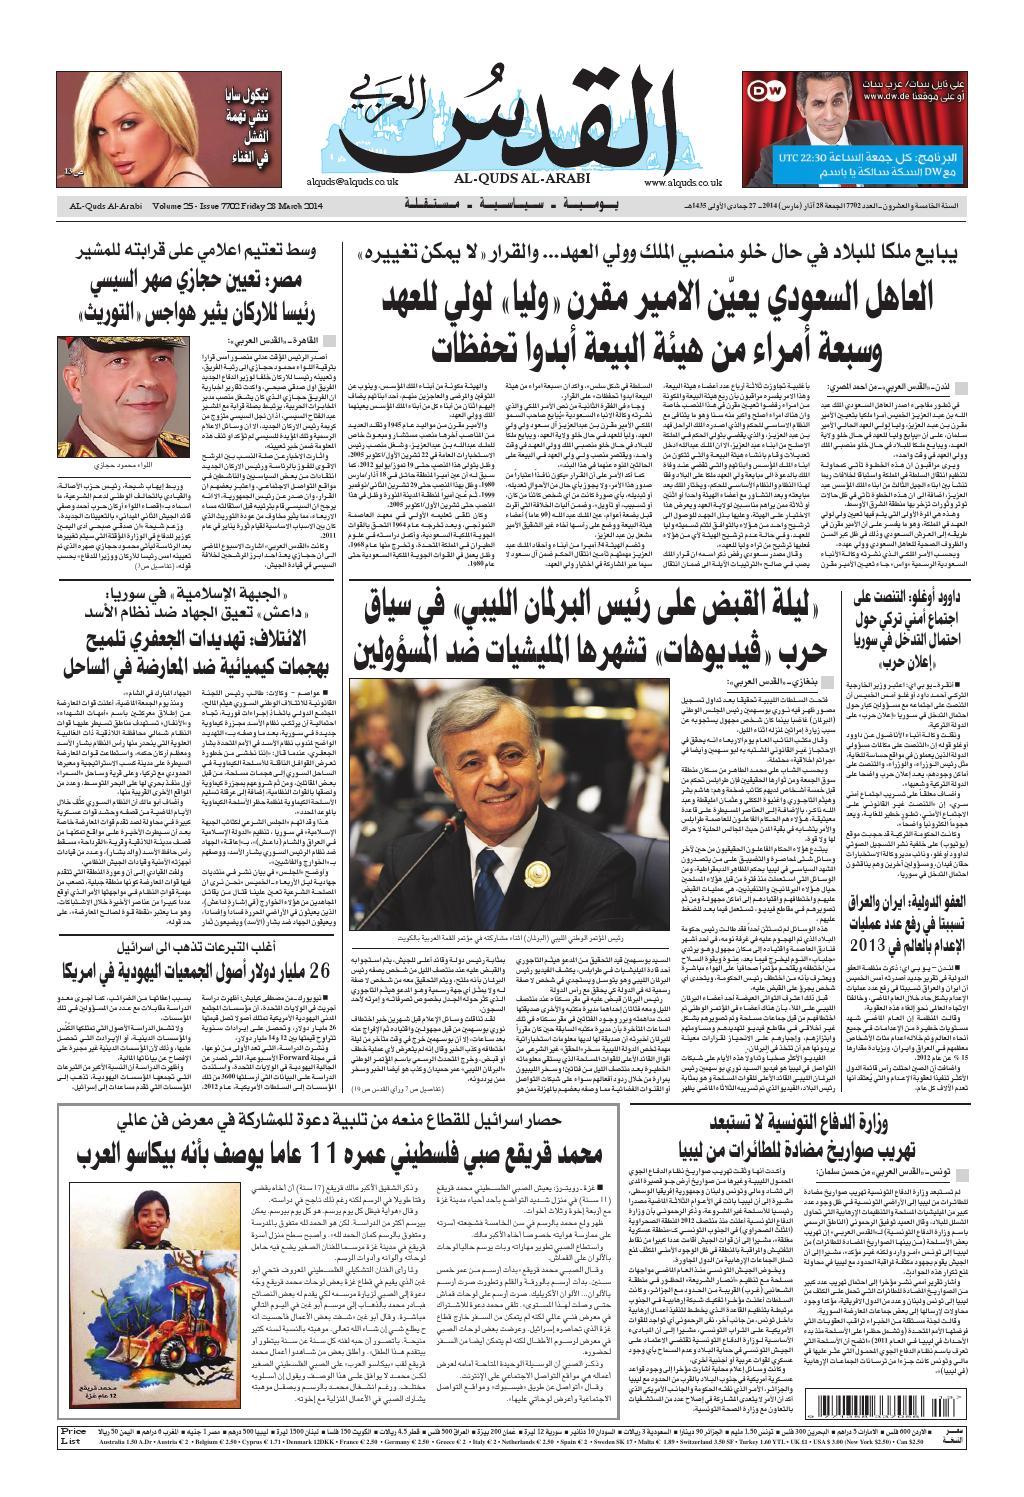 2d2a26eb5 صحيفة القدس العربي , الجمعة 28.03.2014 by مركز الحدث - issuu